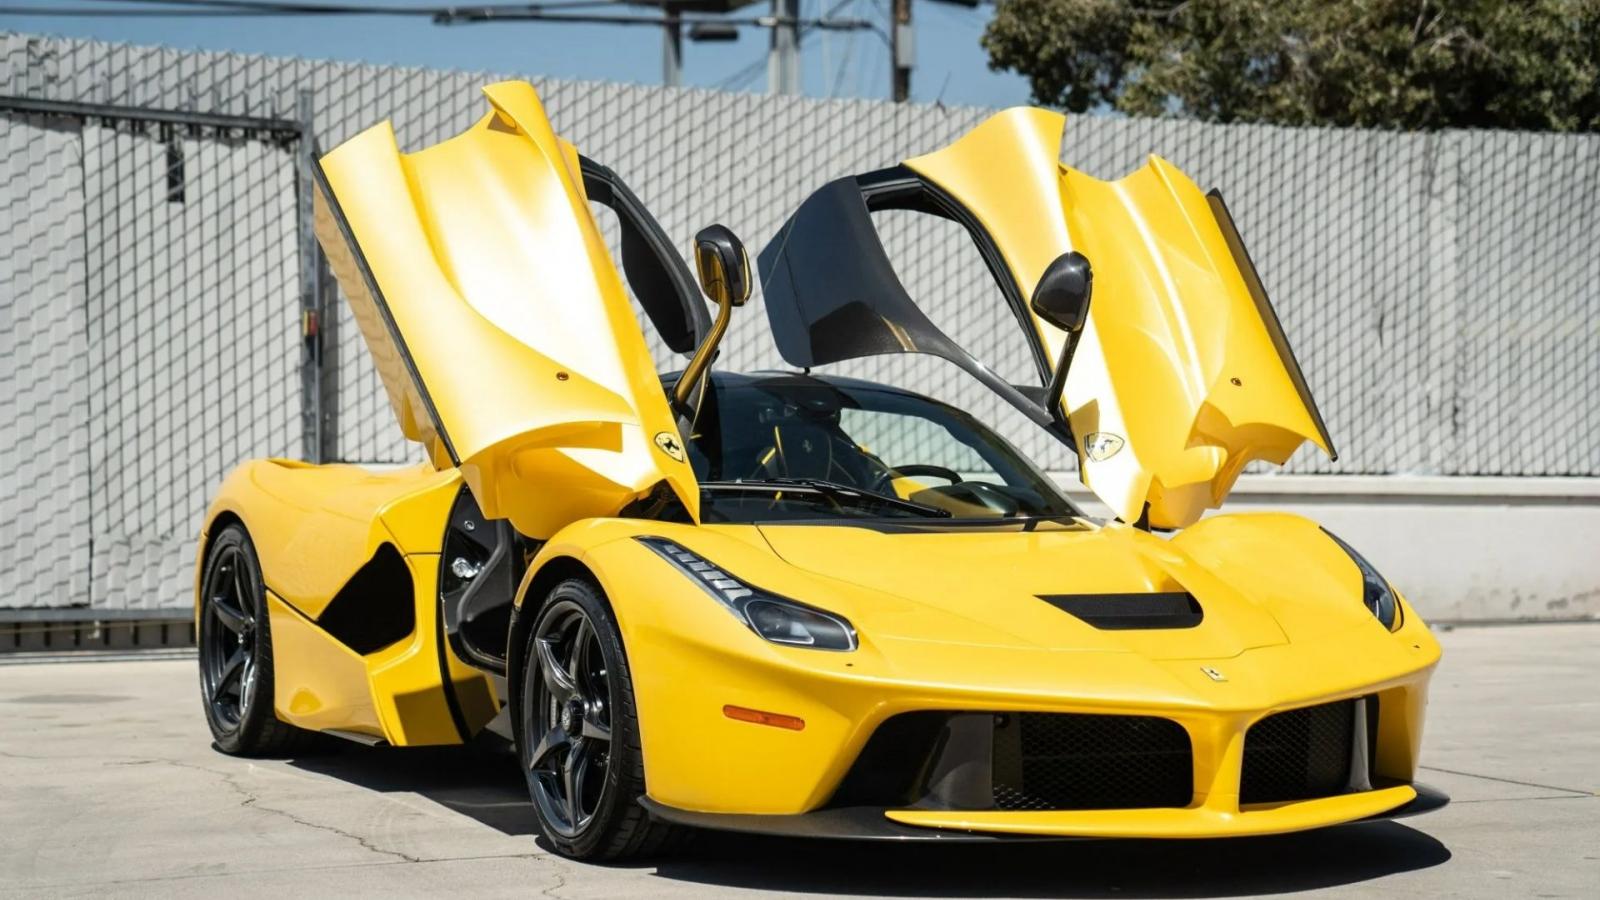 Ảnh chi tiết Ferrari LaFerrari sau 6 năm sử dụng vẫn được rao bán gần 100 tỷ đồng